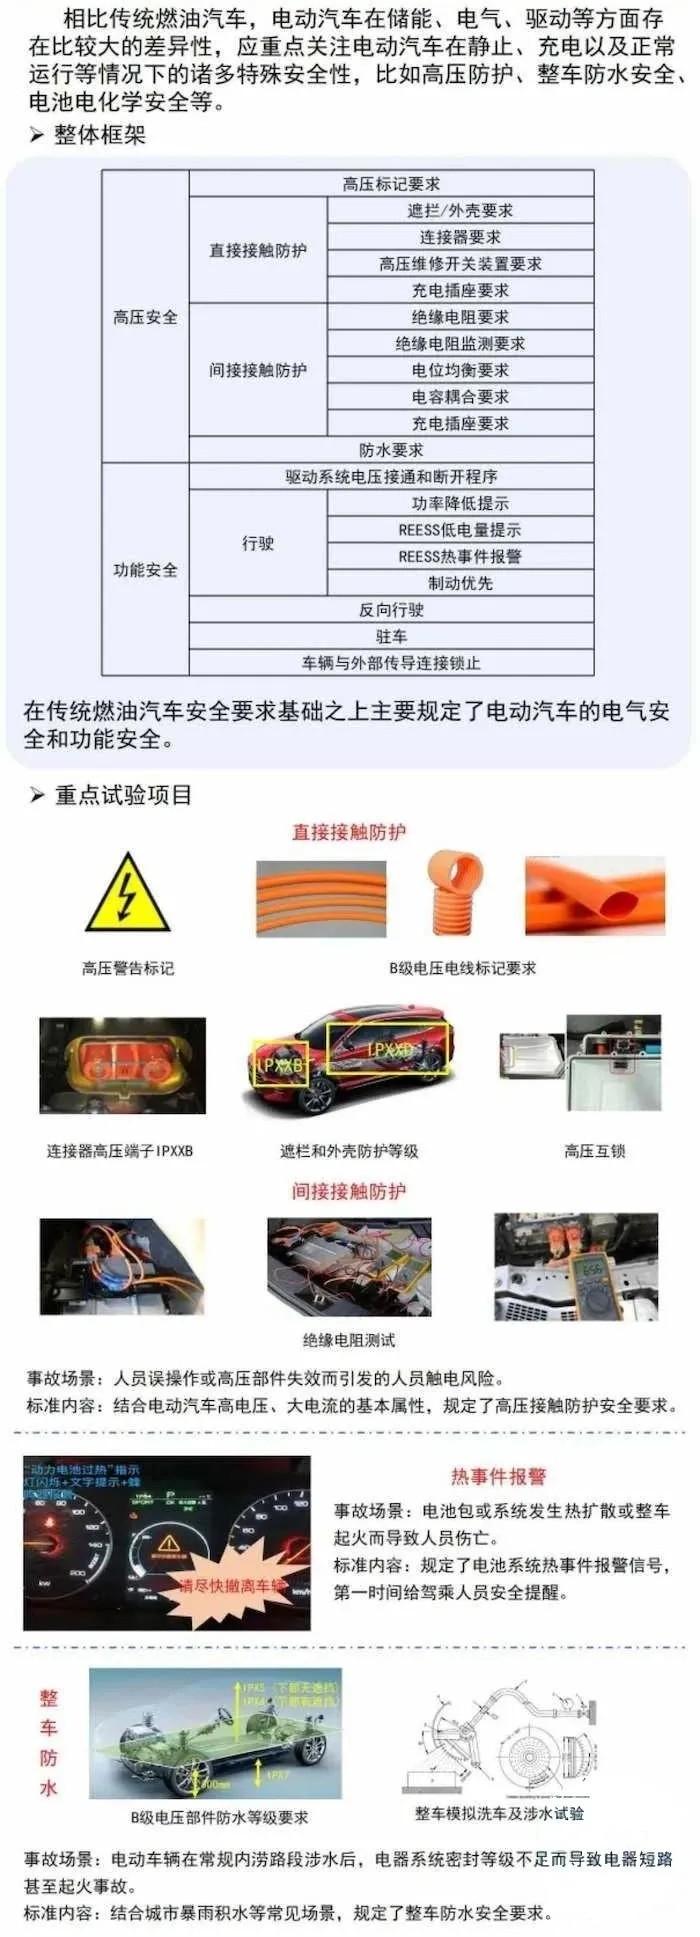 电动汽车领域首批强制性国家标准发布!明年1月1日起实施